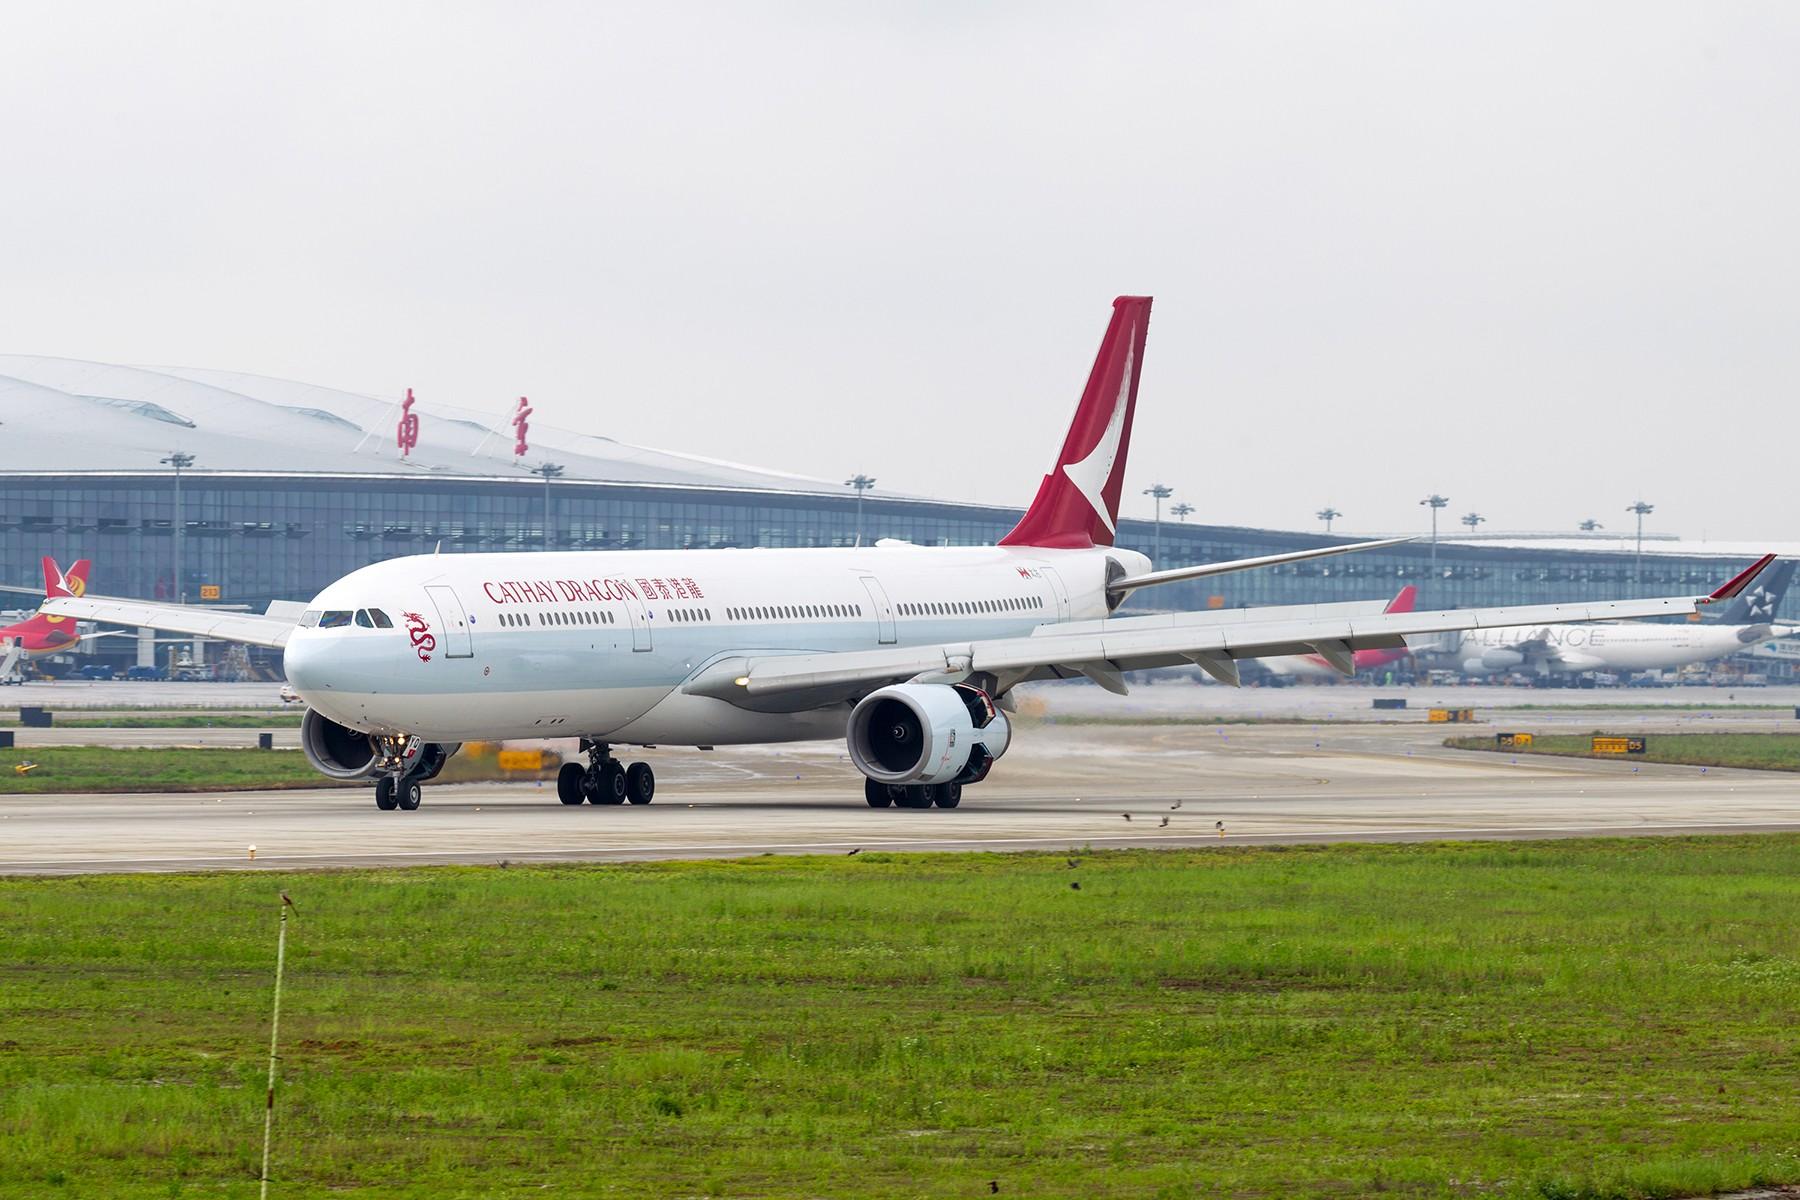 """[原创][BLDDQ]******NKG带血的""""鱼翅""""****** AIRBUS A330-300 B-HYQ 中国南京禄口国际机场"""